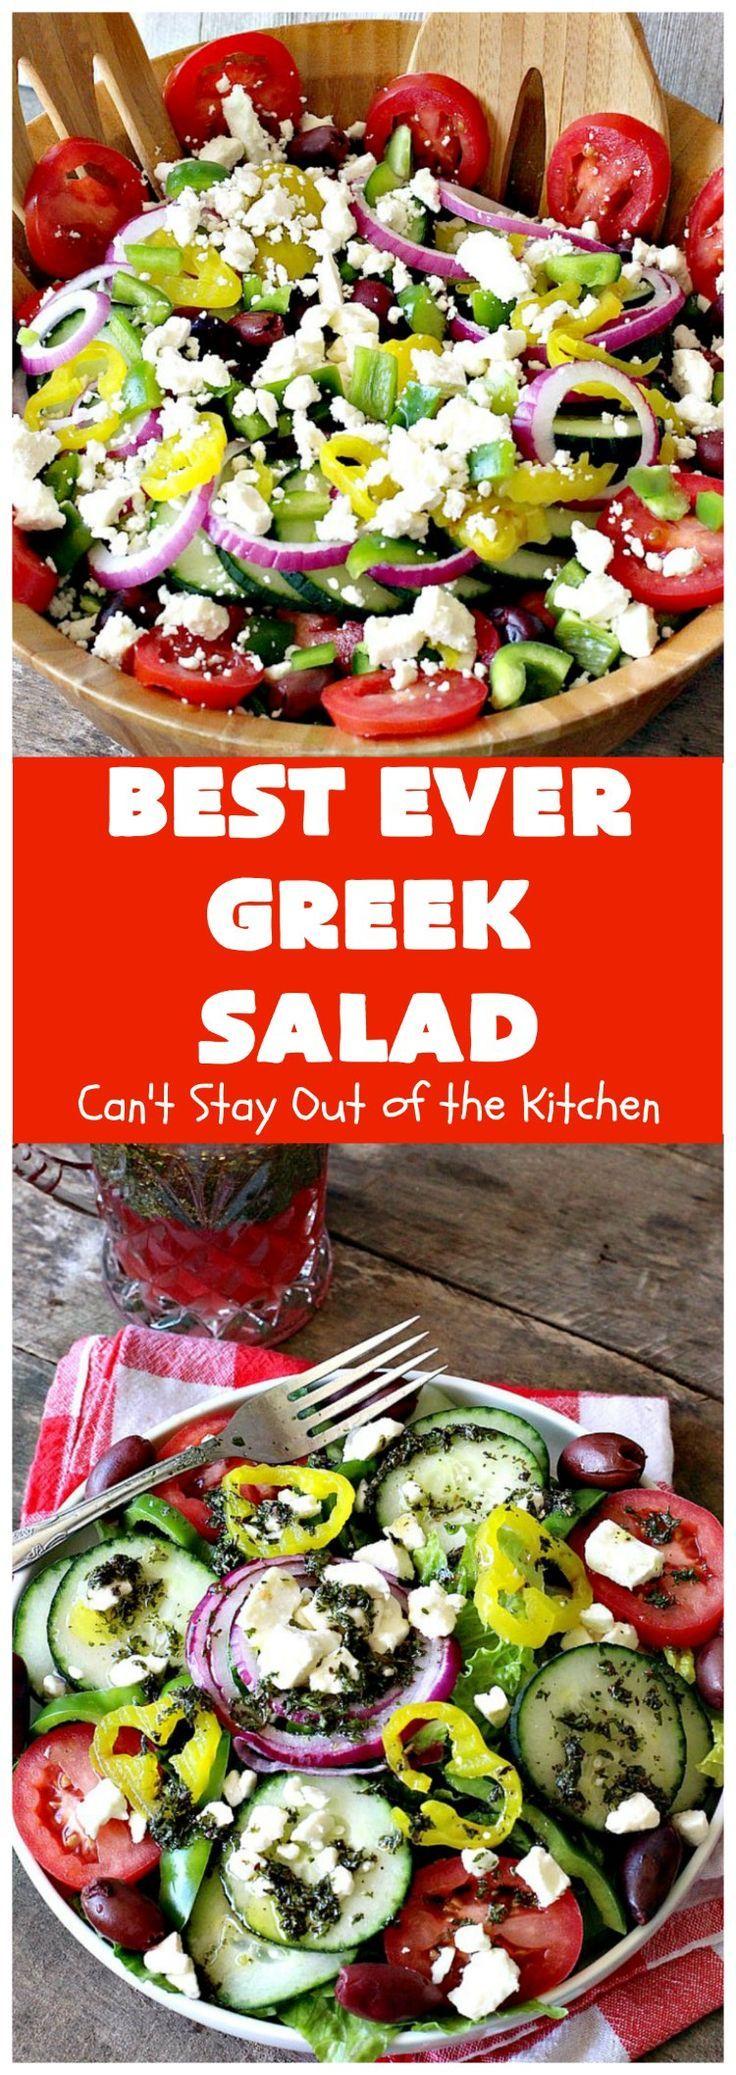 Best Ever Greek Salad